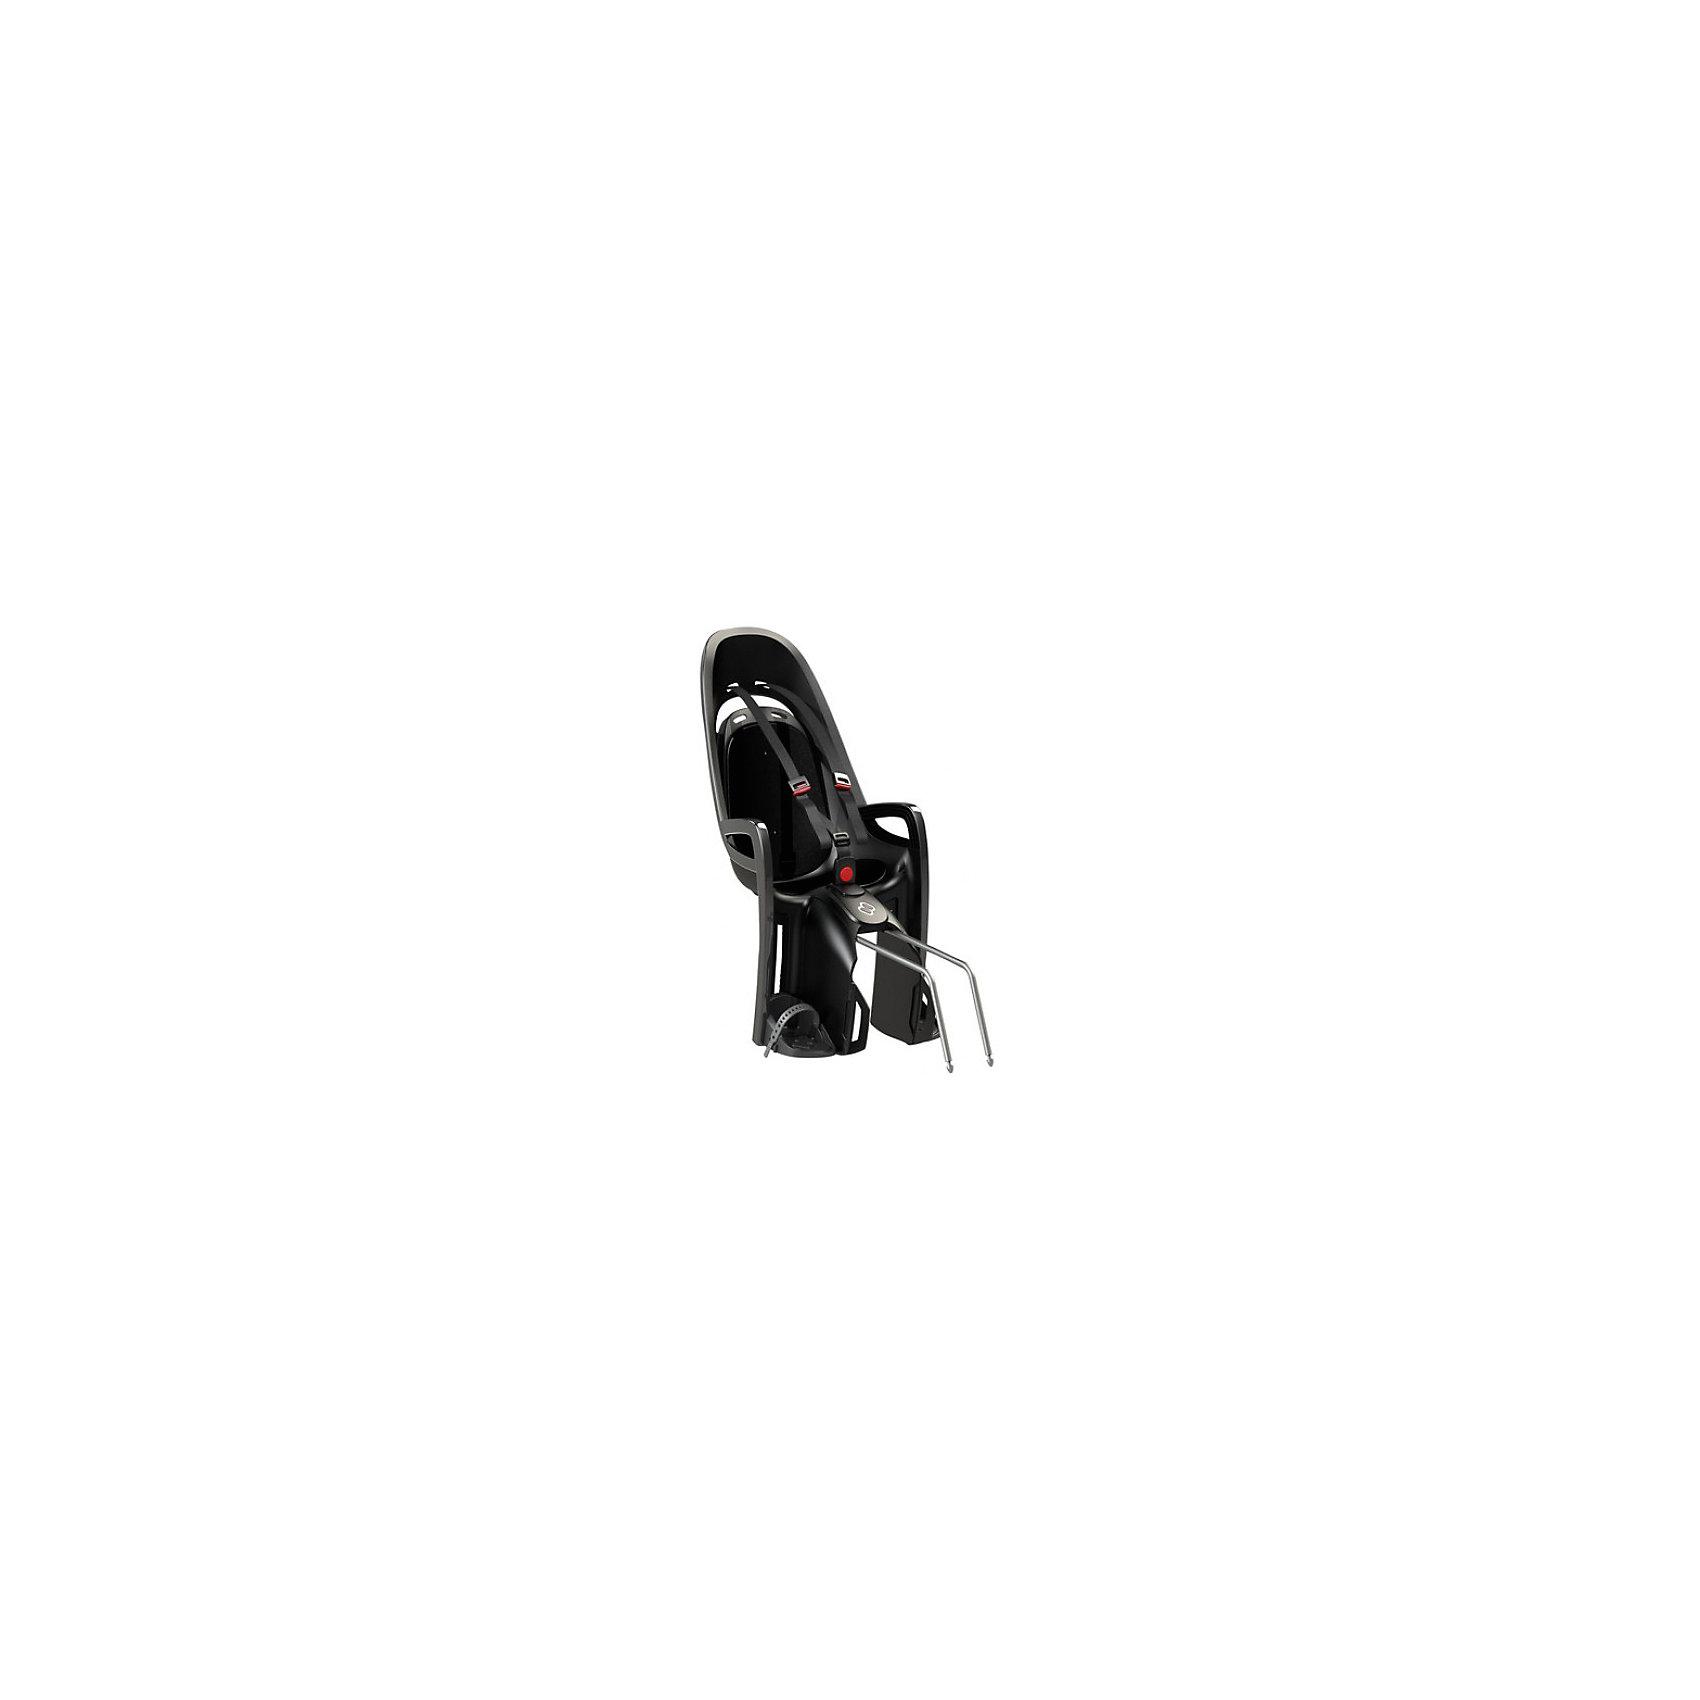 Детское велокресло Caress Zenith, Hamax, серый/черныйАксеcсуары для велосипедов<br>Характеристики товара:<br><br>• цвет: серый, черный<br>• проработанная эргономика кресла для максимально комфортной посадки<br>• 3-точечные ремни безопасности<br>• специальная конструкция пряжек ремней безопасности/фиксации для предотвращения саморастегивания ребенка<br>• простое в использование, полностью соответствующее всем Европейским стандартам безопасности<br>• крепится только  на багажники Hamax (в комплект не входит)<br>• предназначено для детей в возрасте старше 9 месяцев и весом до 22 кг<br>• регулируемый ремень безопасности и подножки<br>• встроенные отражатели для улучшения видимости кресла<br>• мягкие плечевые пряжки ремней<br>• велокресло сертифицировано по: T?V / GS EN14344<br>• вес: 3500гр.<br>• размер: 37х80х34см<br><br>Мягкие пряжки для фиксации ребенка в кресле очень легкие и комфортные, но при этом обеспечивают надежную фиксацию ребенка в велокресле.<br><br>Эргономика велокресла рассчитана так что спинка кресла не будет мешать голове ребенка в моменты когда он хочет откинуться назад кресла в шлеме.<br><br>Механизмы регулировки застежек позволяют комфортно отрегулировать их вместе с ростом ребенка.<br><br>Все детские велосидения Hamax растут вместе с ребенком!  Регулируемые ремень безопасности и подножки.<br><br>Детское сиденье для велосипеда очень легко крепится и освобождается от велосипеда. Приобретая дополнительный кронштейн, вы можете легко переставлять детское сиденье с одного велосипеда на другой.<br><br>Не забудьте: ребенок должен всегда носить шлем при использовании детского сиденья.<br><br>Детское велокресло Caress Zenith, Hamax, серый/черный можно купить в нашем интернет-магазине.<br><br>Ширина мм: 370<br>Глубина мм: 800<br>Высота мм: 340<br>Вес г: 3500<br>Возраст от месяцев: 9<br>Возраст до месяцев: 48<br>Пол: Унисекс<br>Возраст: Детский<br>SKU: 5582617